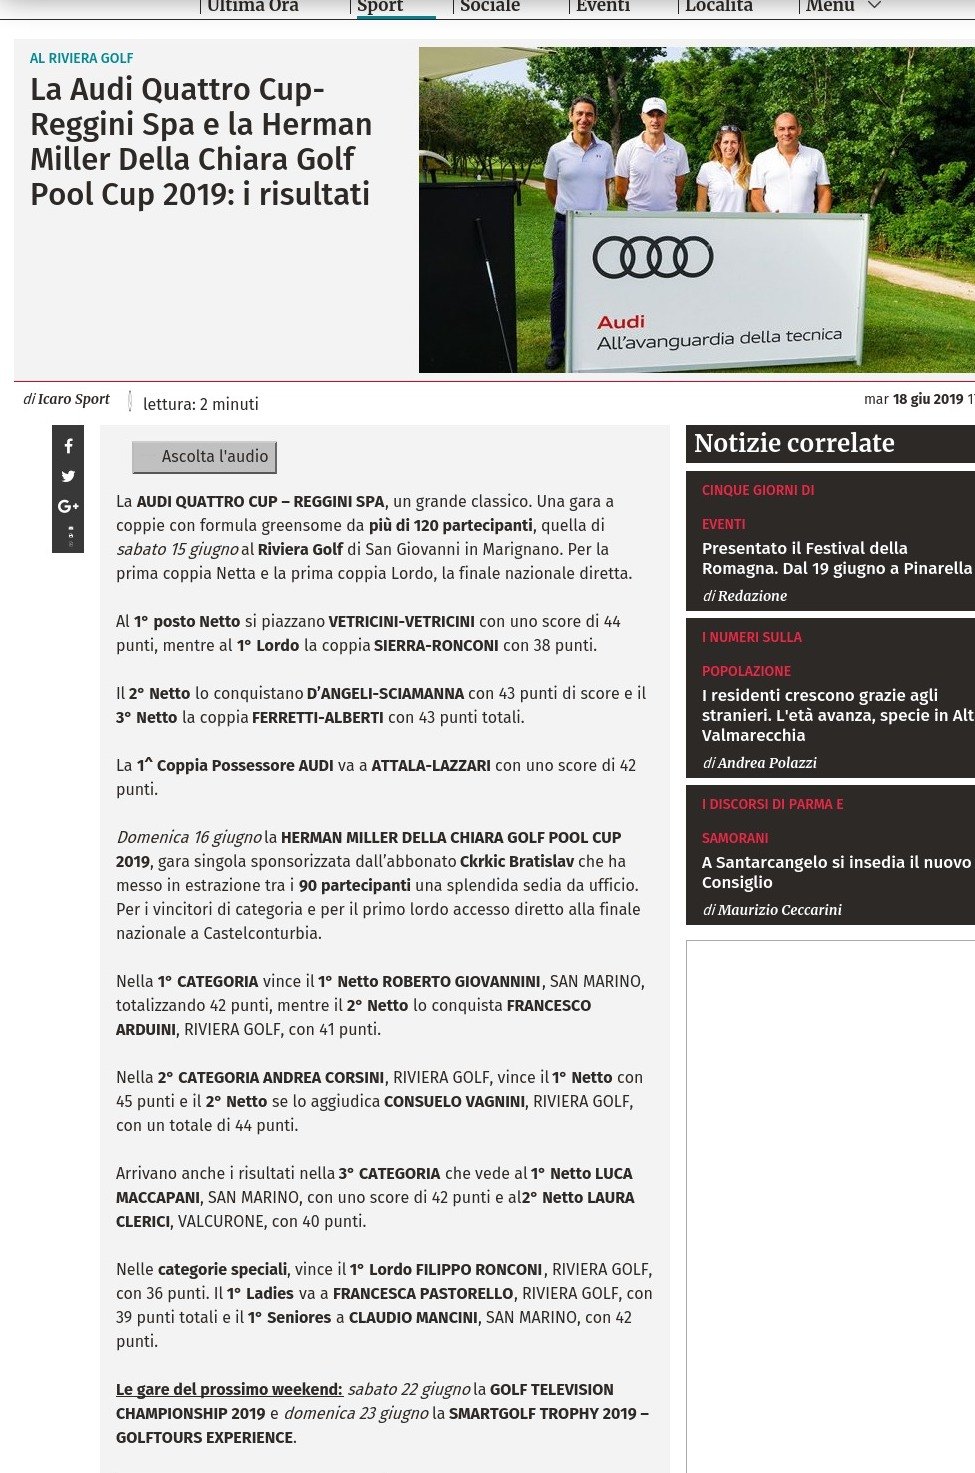 La Audi Quattro Cup-Reggini Spa e la Herman Miller Della Chiara Golf Pool Cup 2019: i risultati